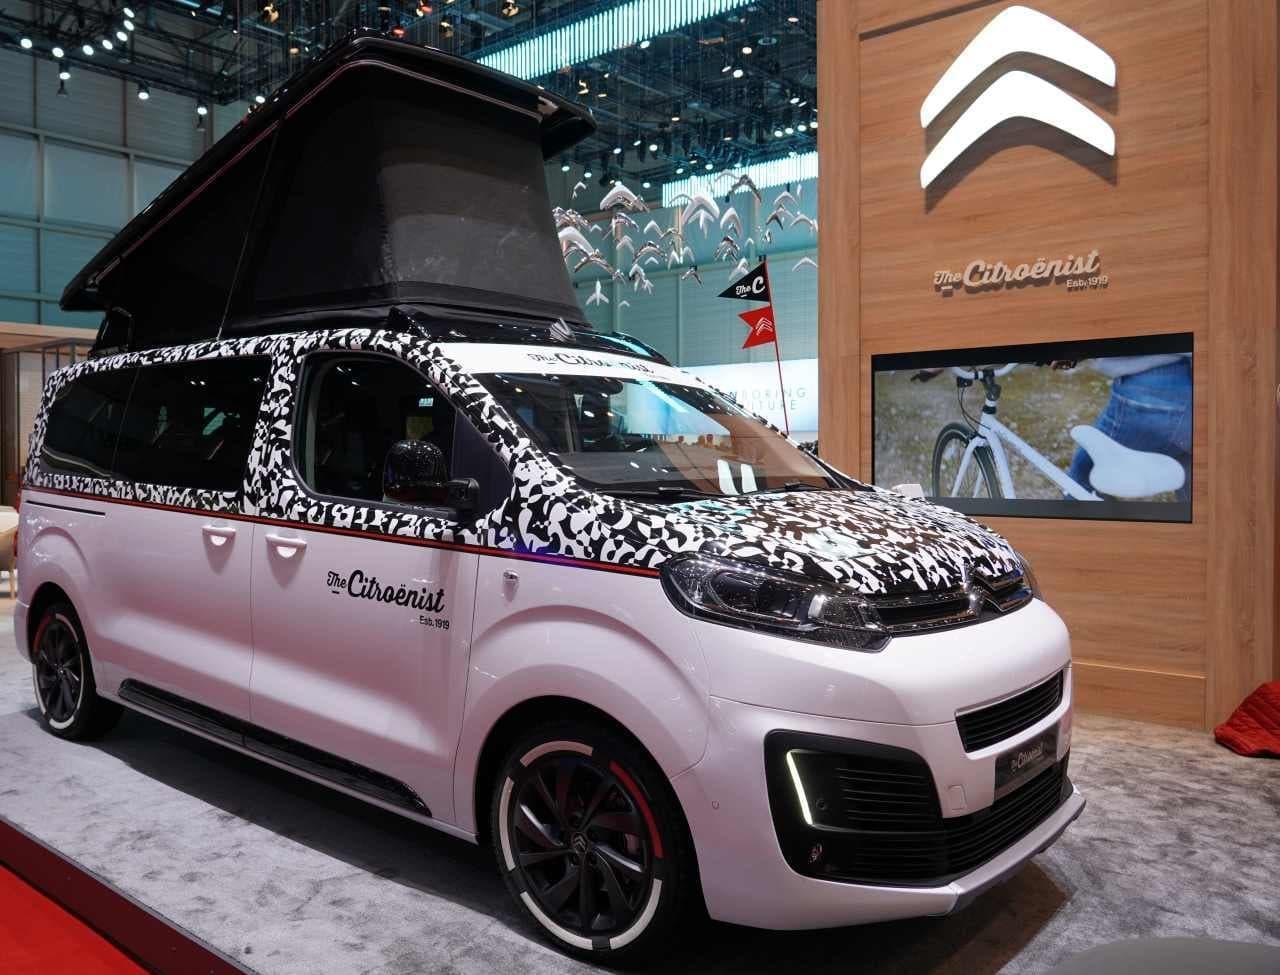 シトロエンのコンセプトカー「The Citroenist Concept」